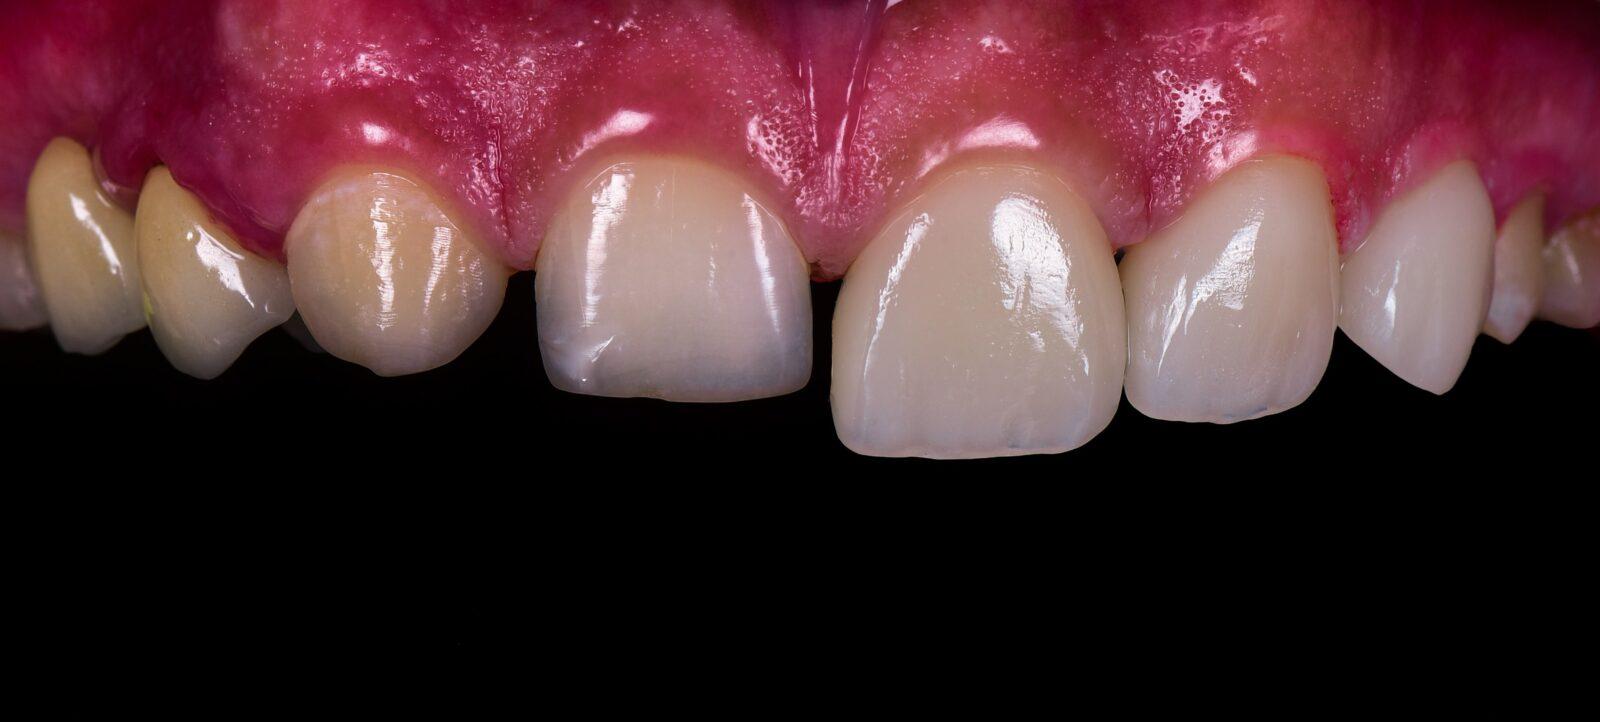 teeth before and after veneers